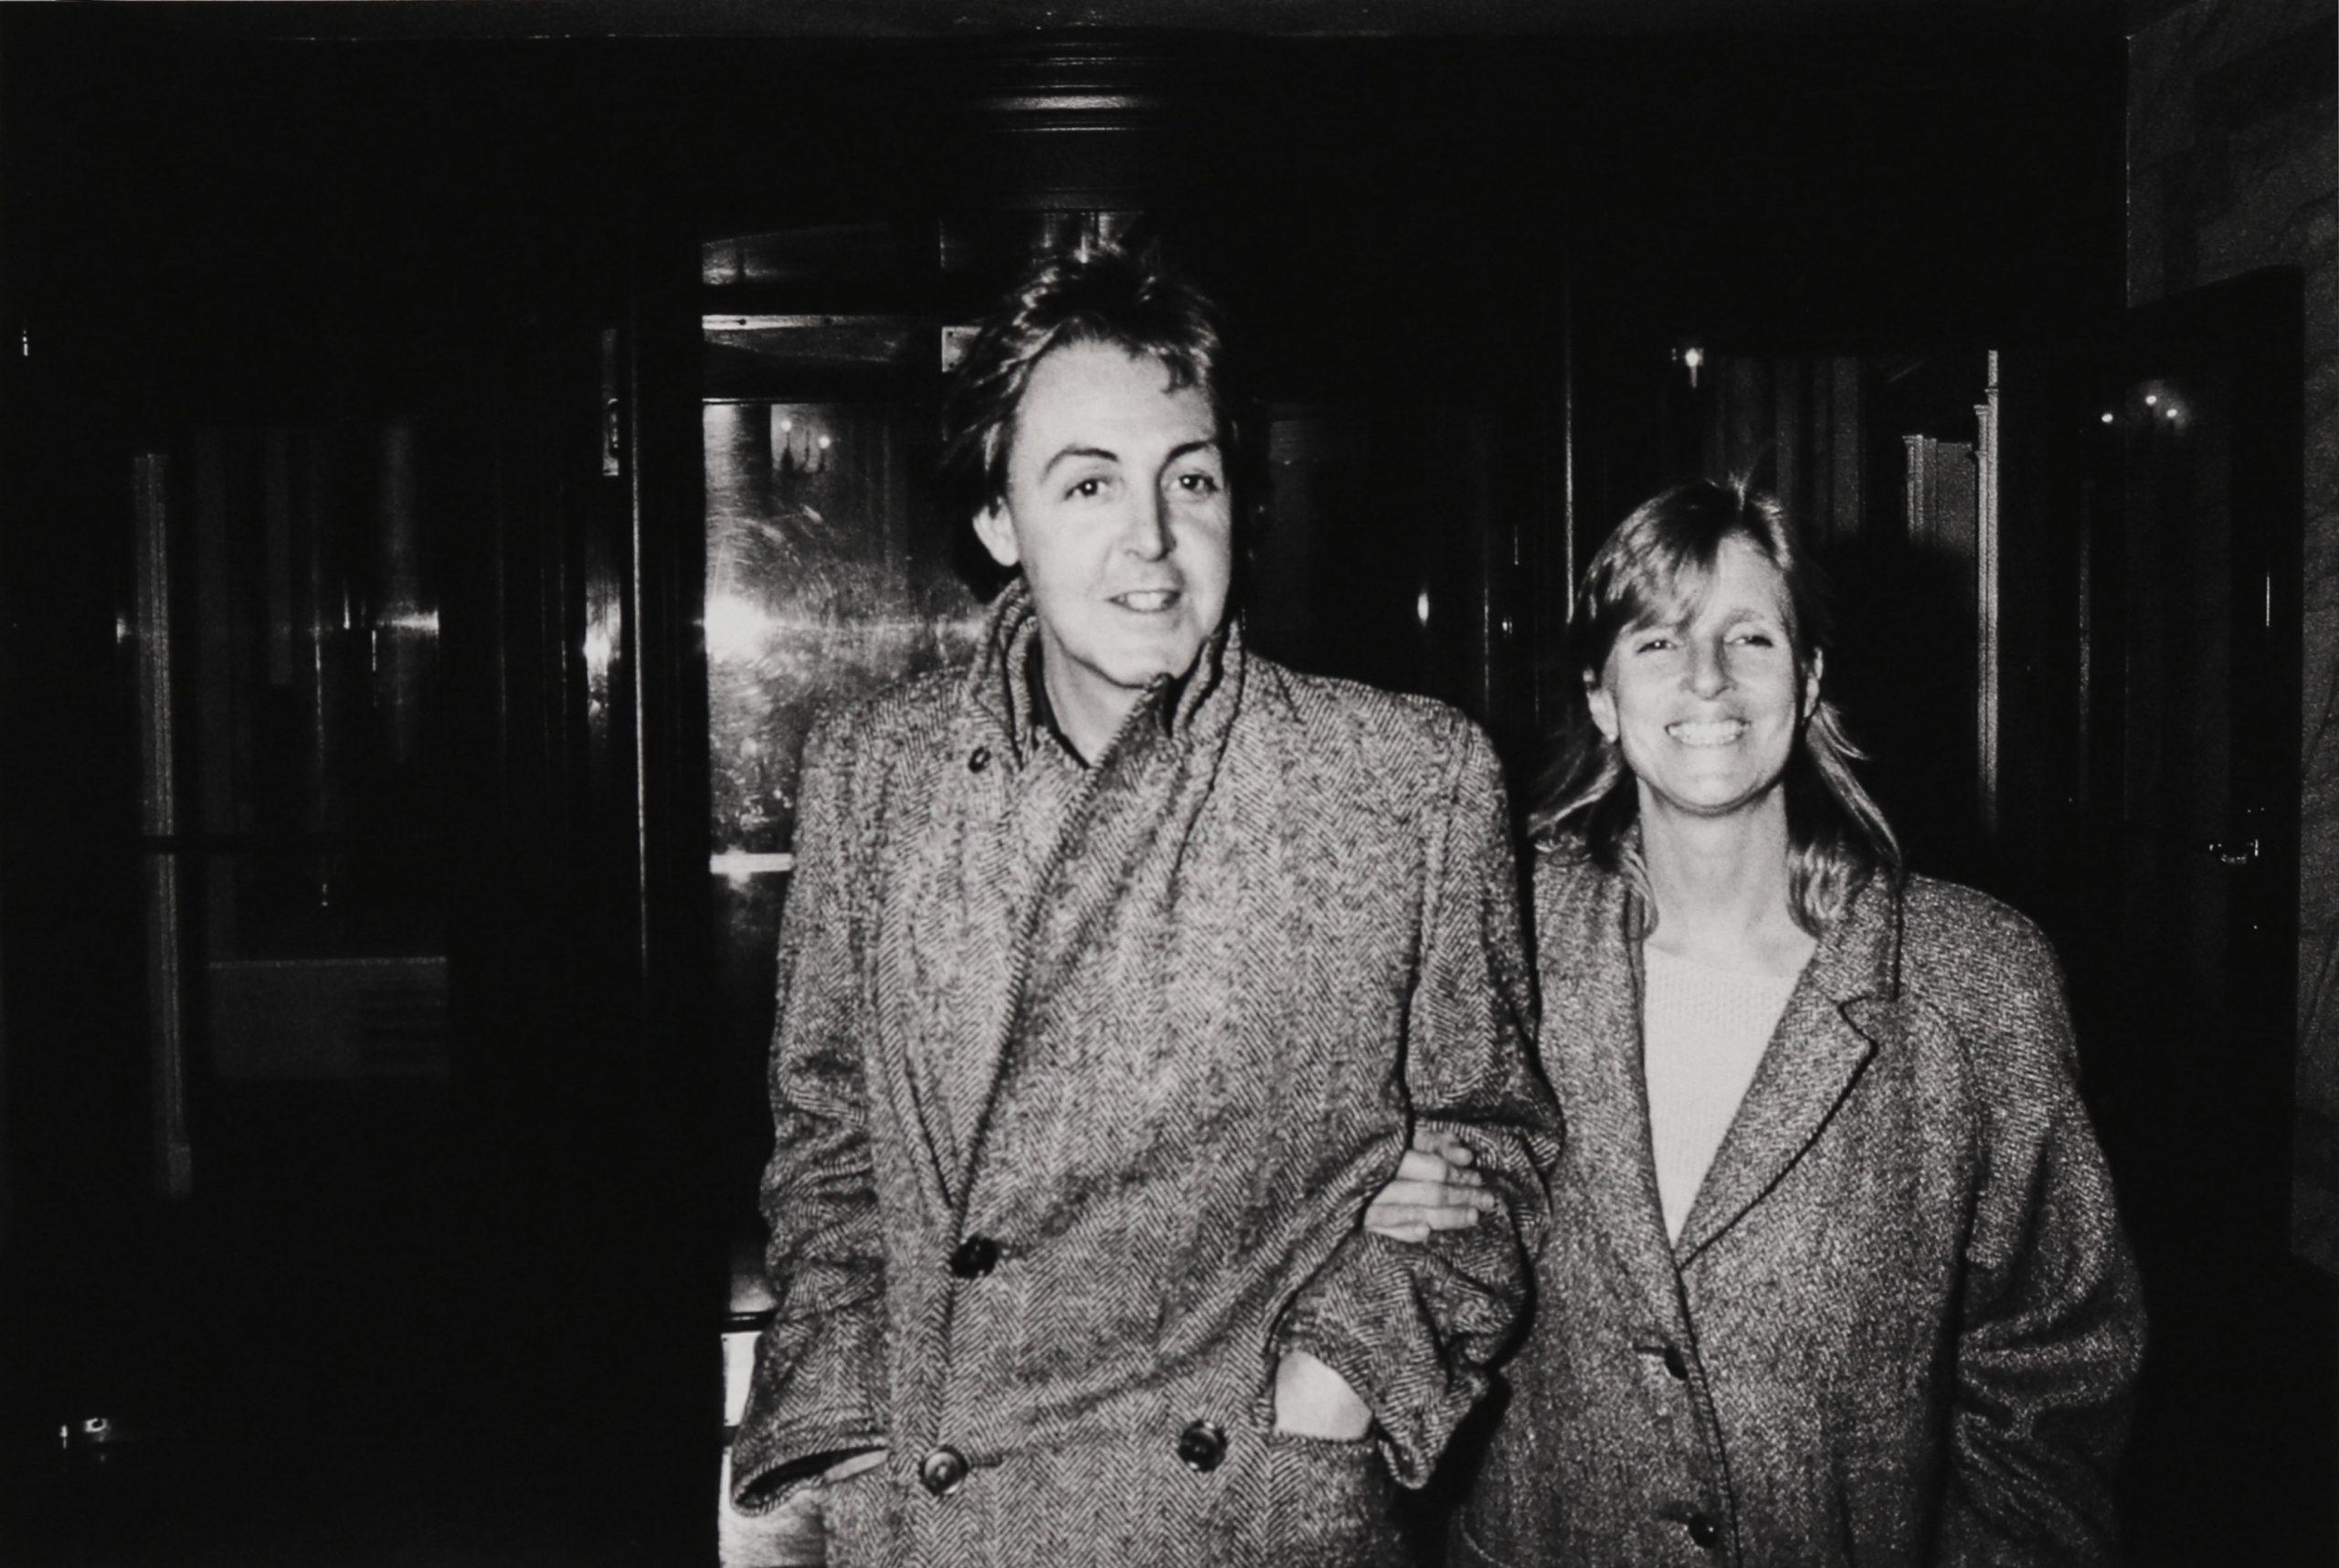 Paul and Linda McCartney 1983